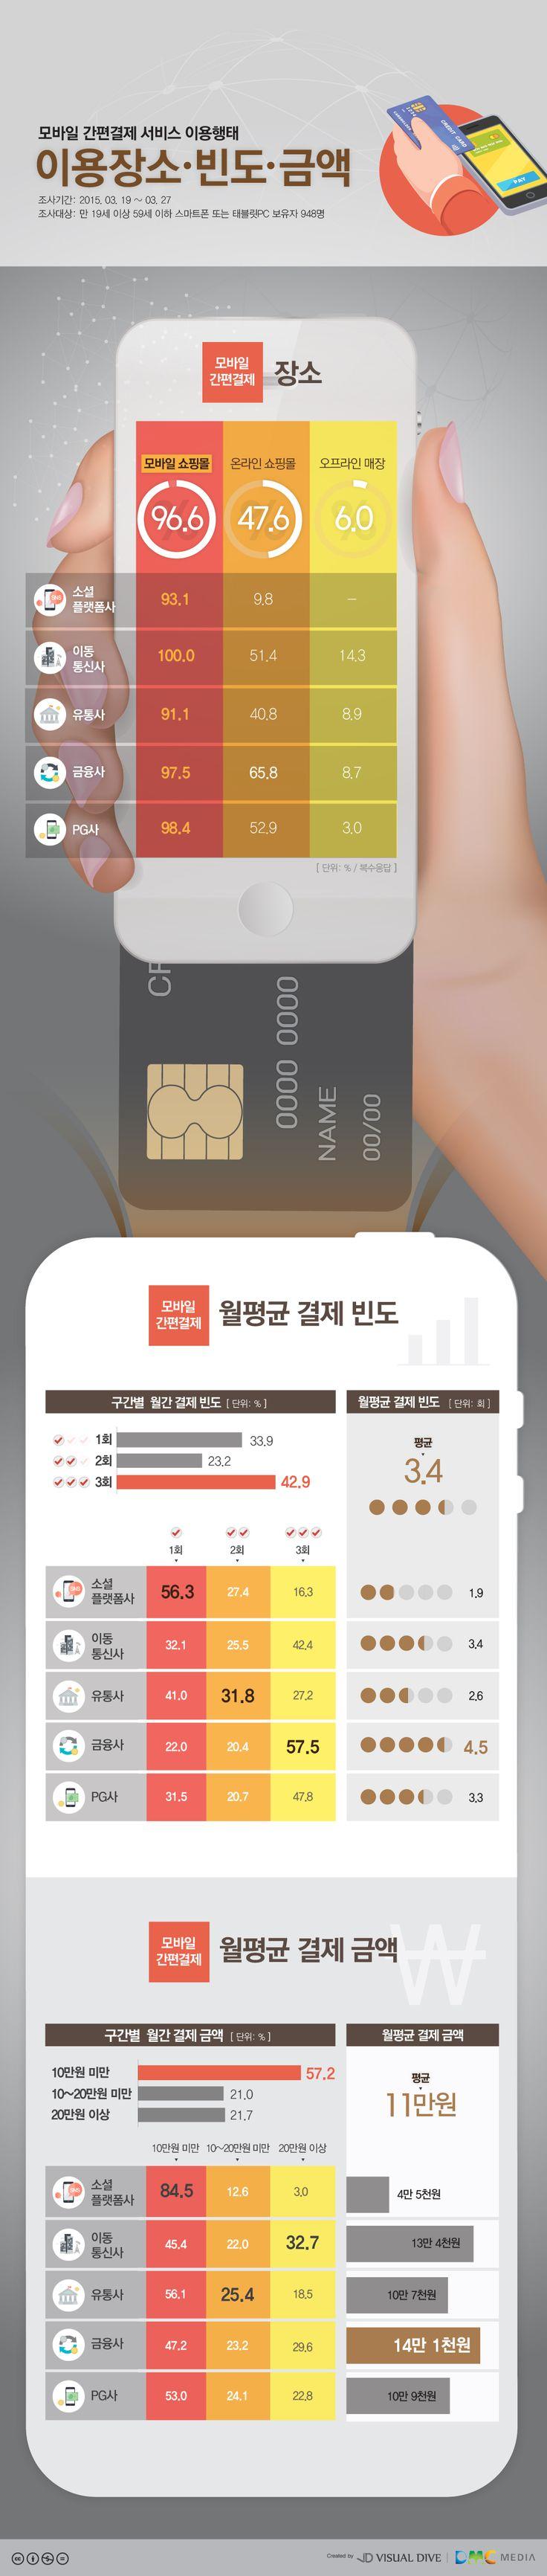 모바일 간편결제, 어디서 얼마나 이용할까 [인포그래픽] #Pay / #Infographic ⓒ 비주얼다이브 무단 복사·전재·재배포 금지